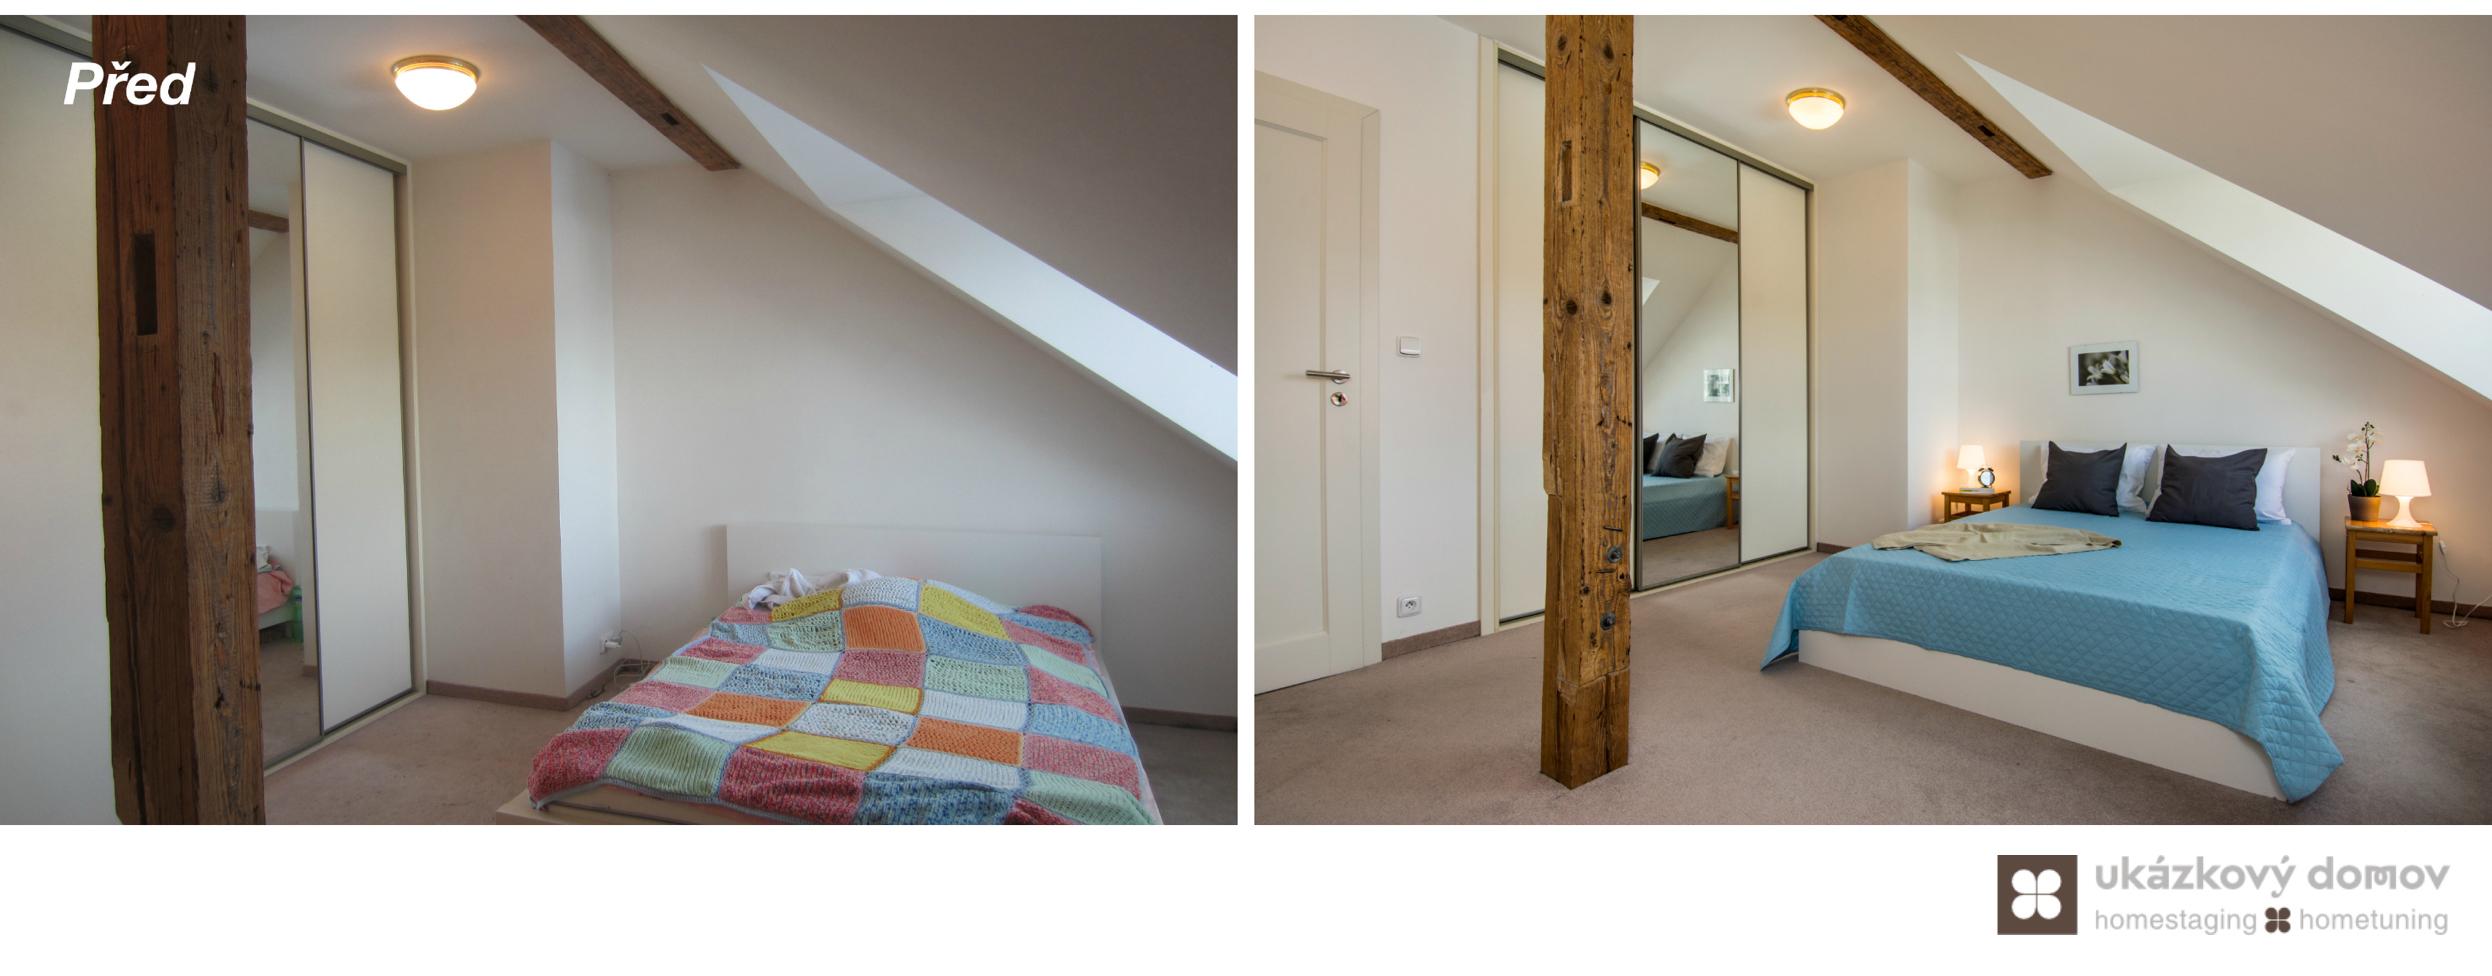 Home Staging Bedroom Prague Before & After